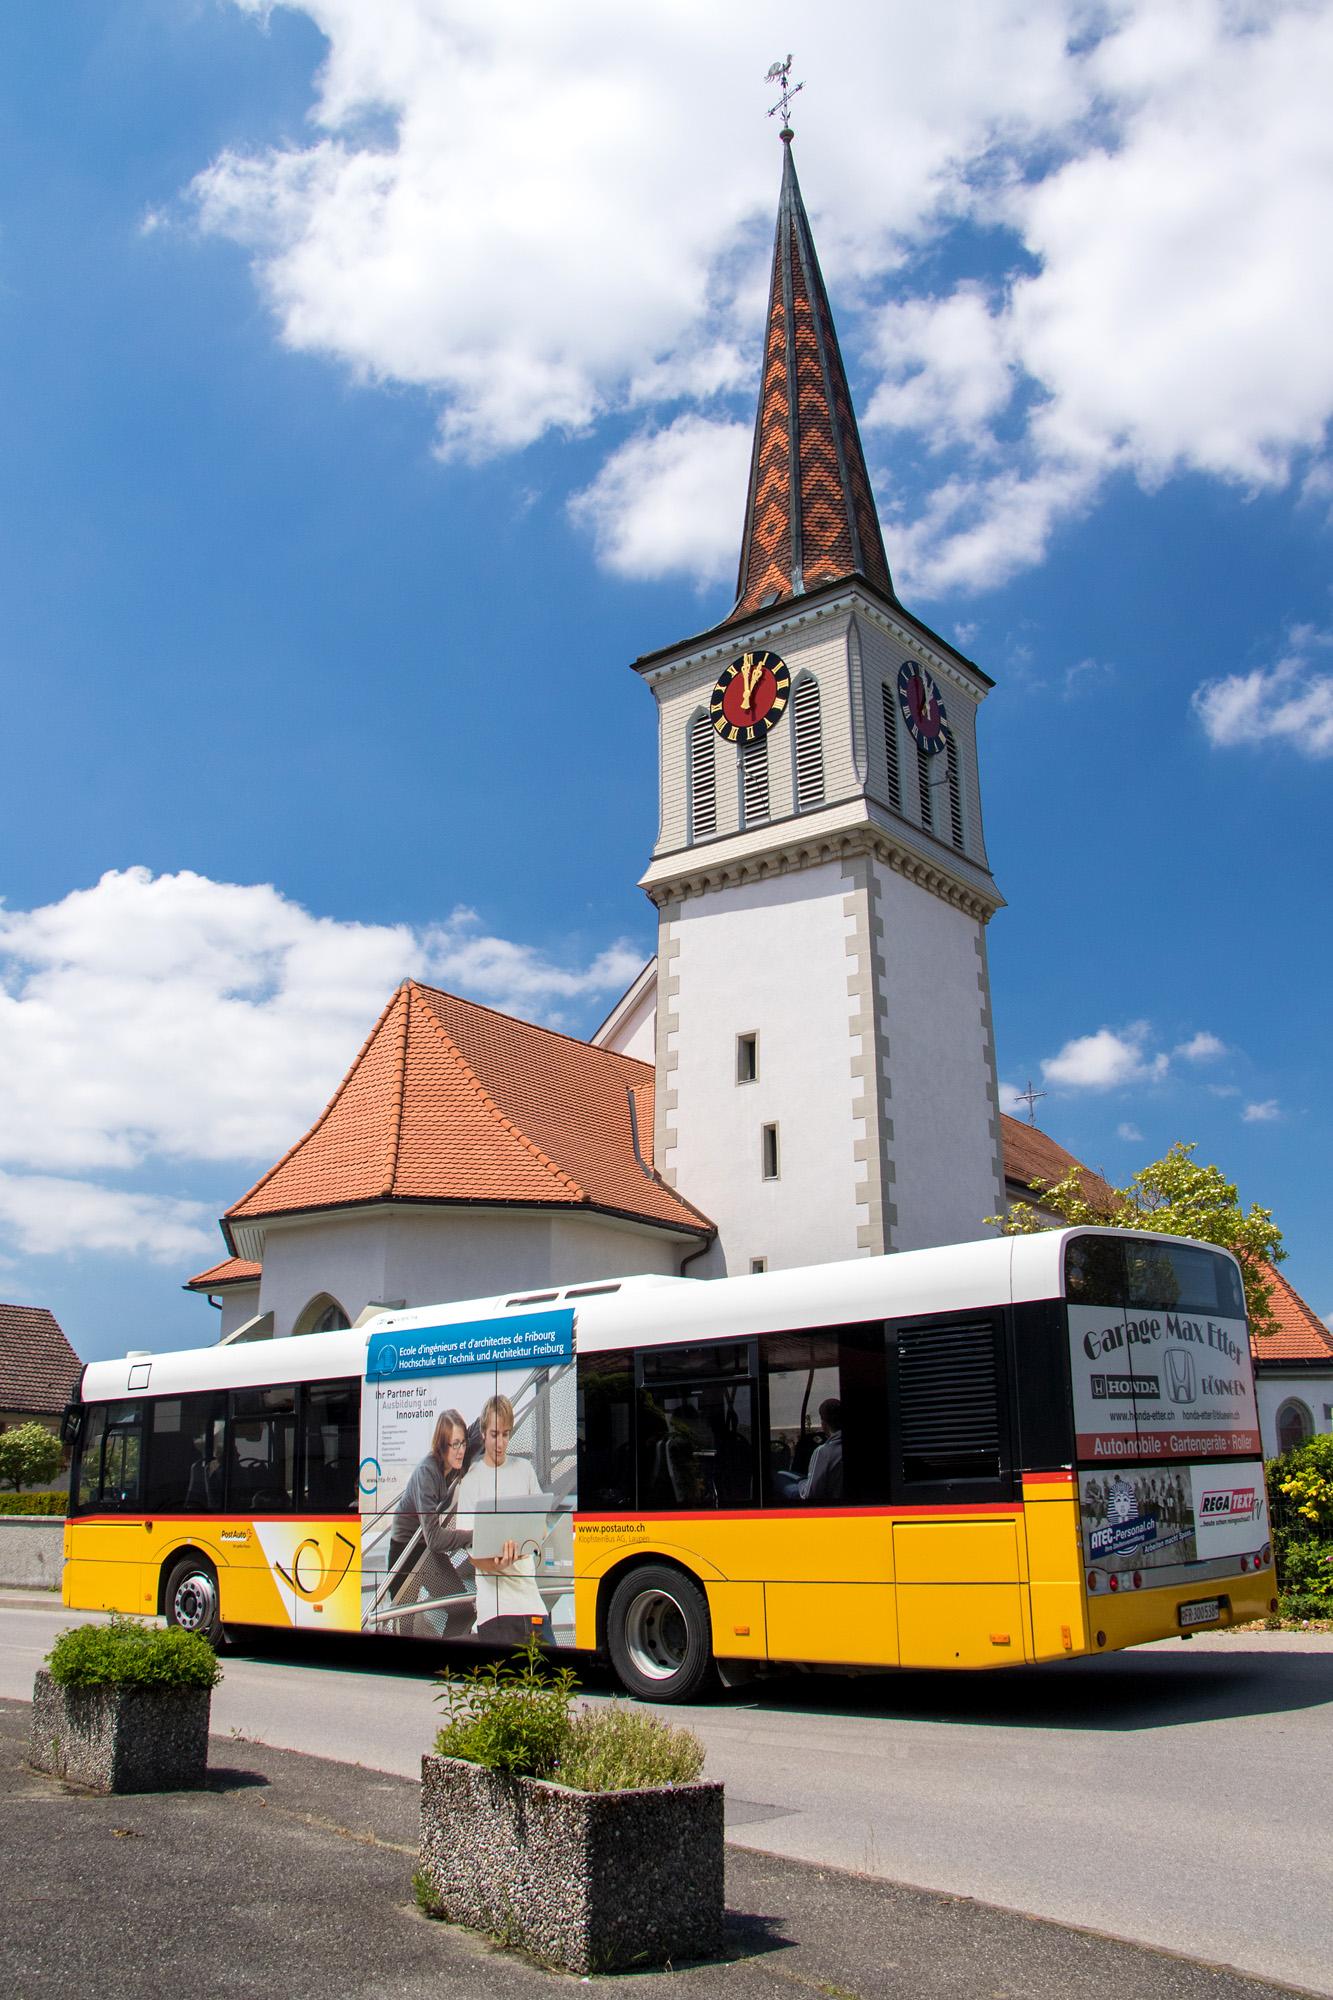 Das Postauto nach Düdingen passiert die Kirche von Gurmels, die in Teilen von 1605 stammt